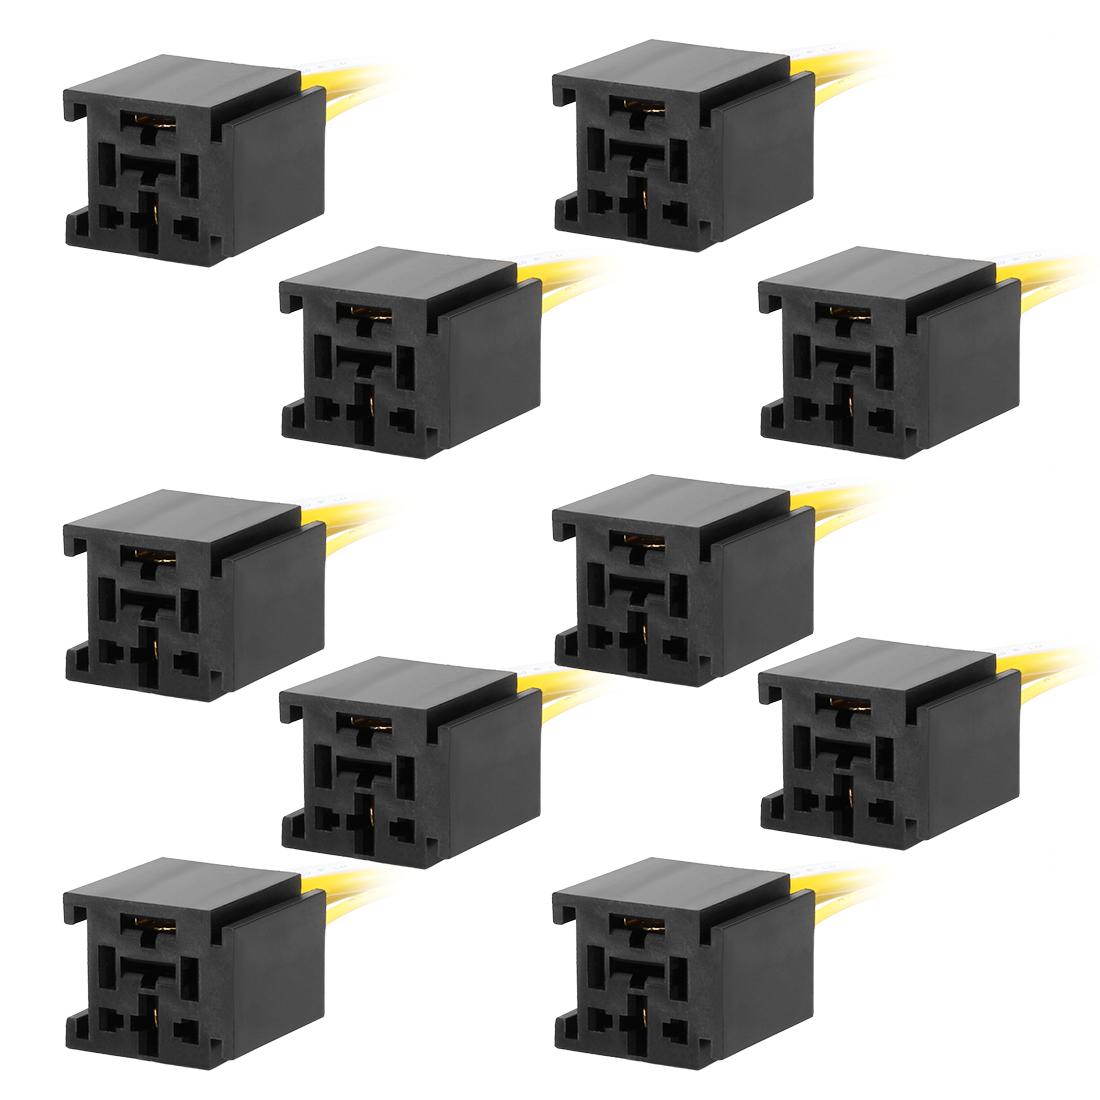 10pcs DC 12V/24V 80A 4 Terminals Relay Socket Harness Connector for Auto Car